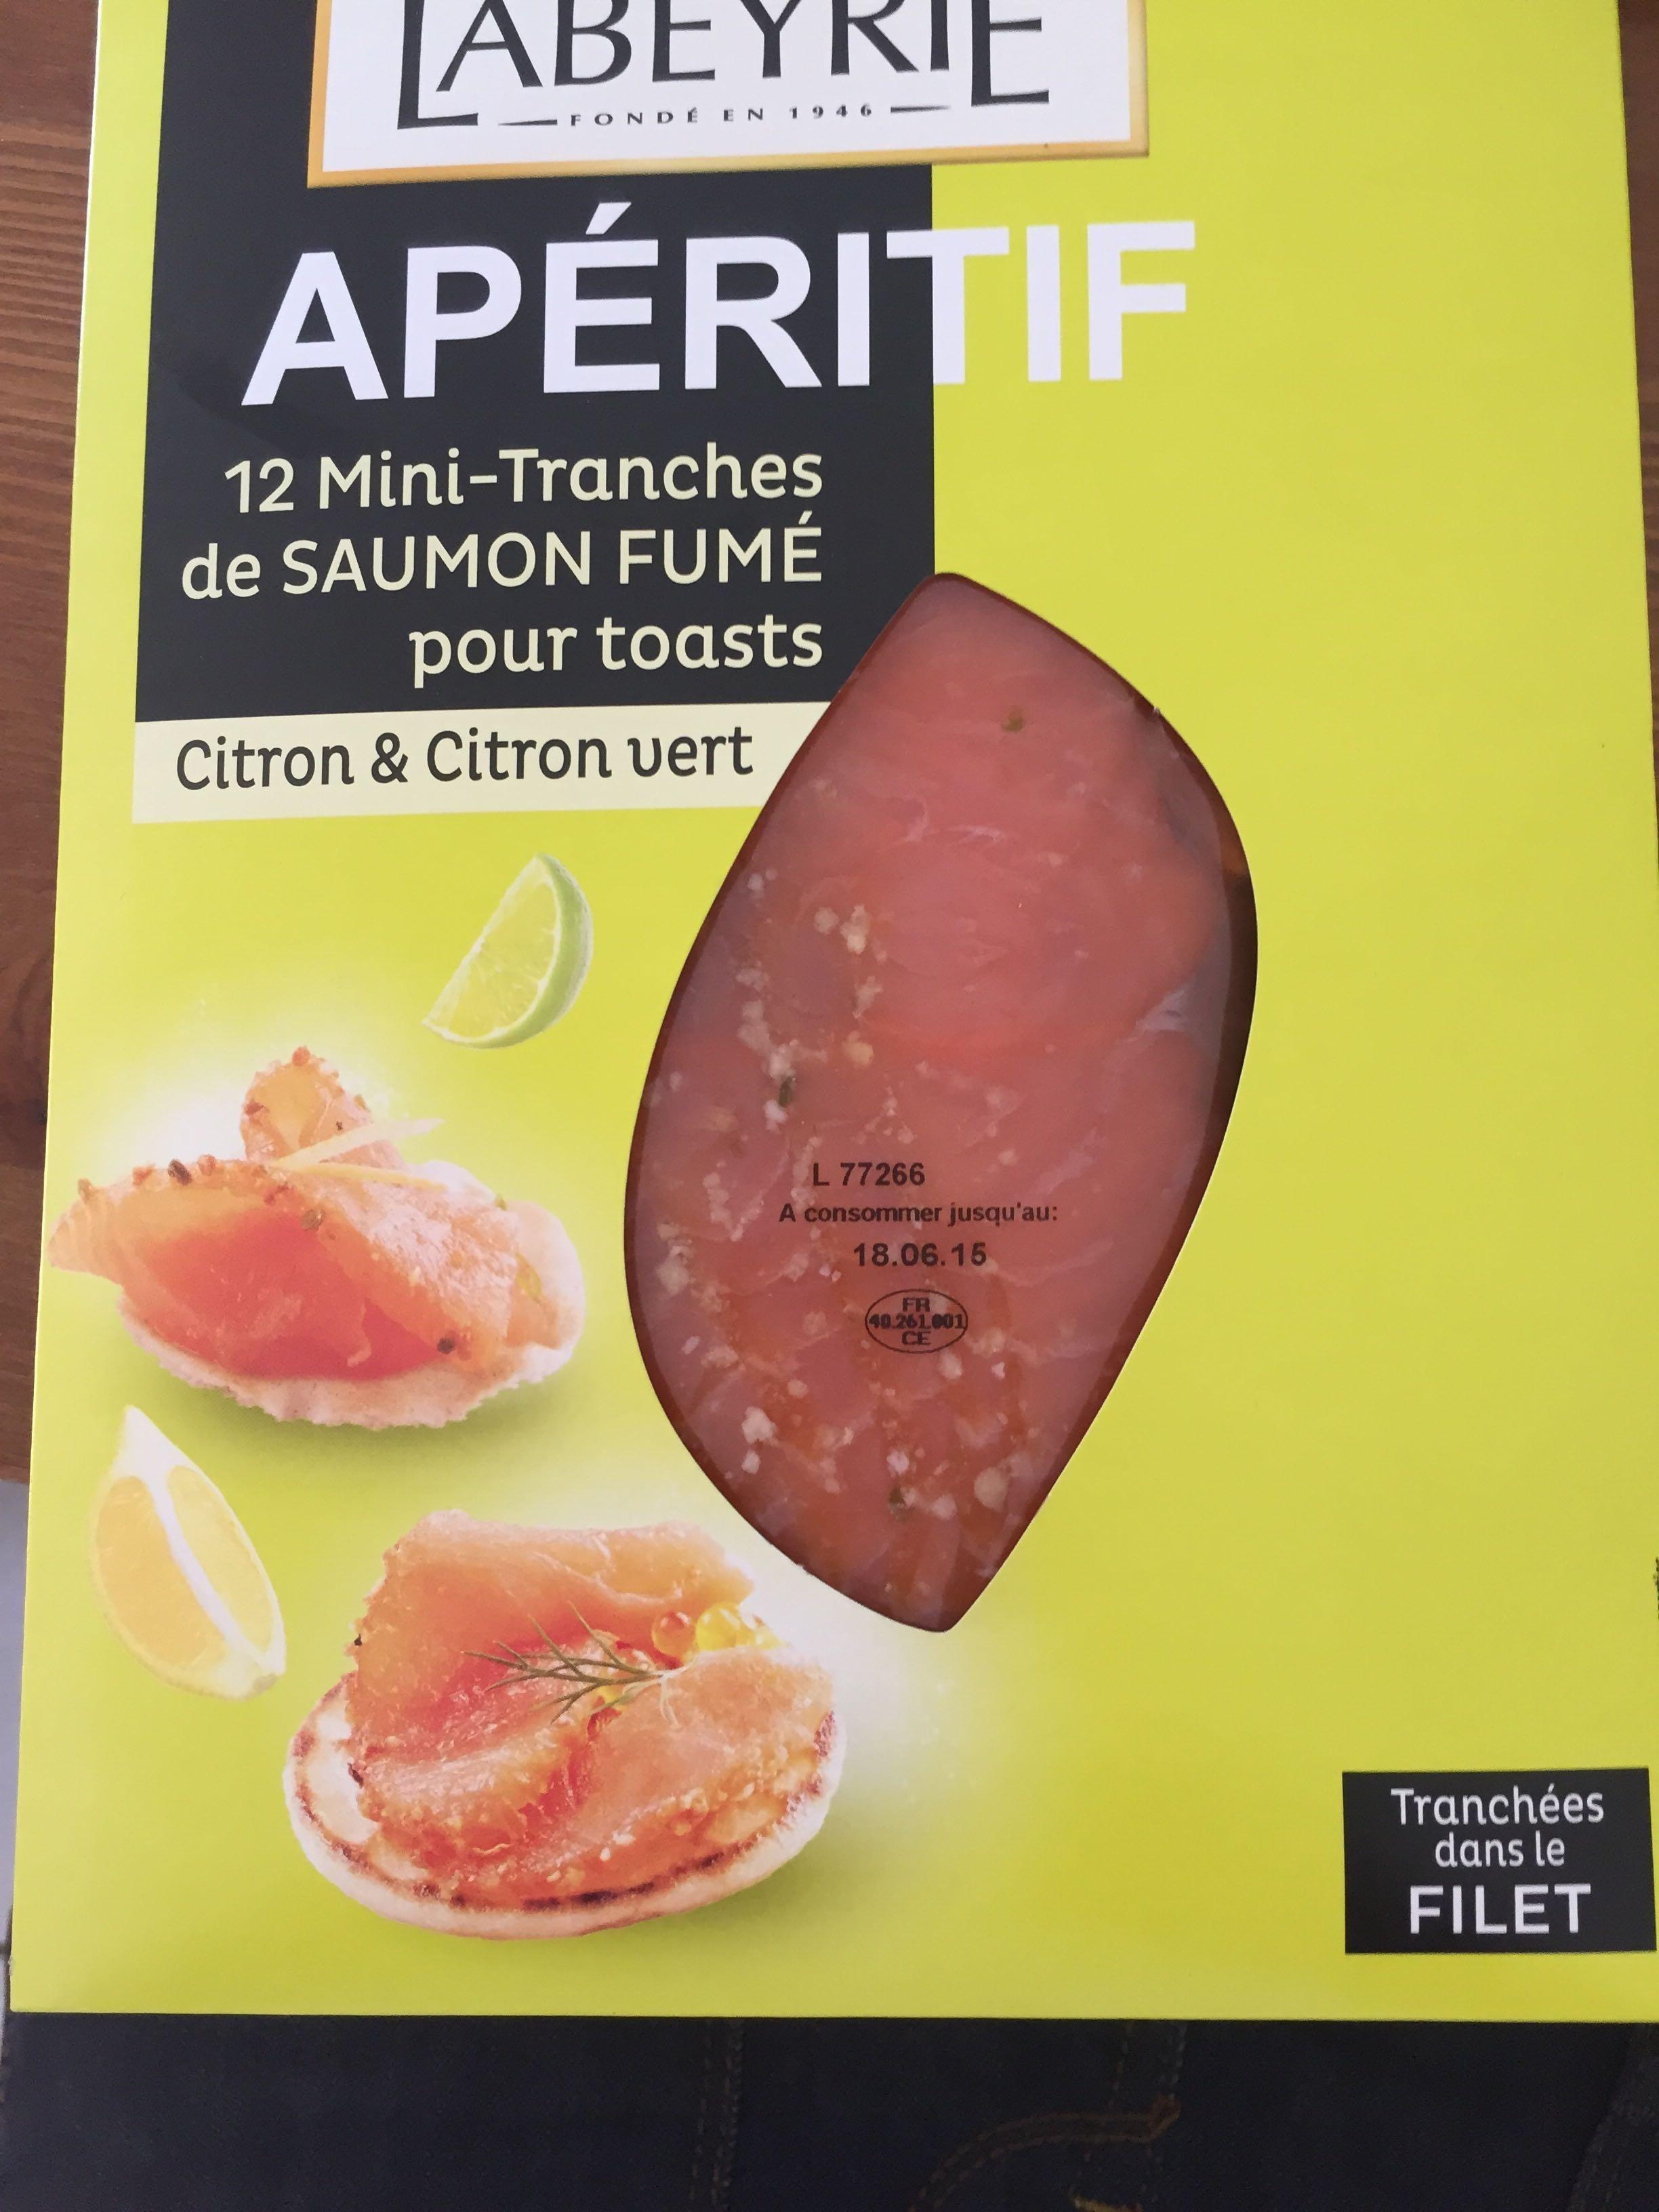 12 mini tranche de saumon fumé Citron & Citron vert - Product